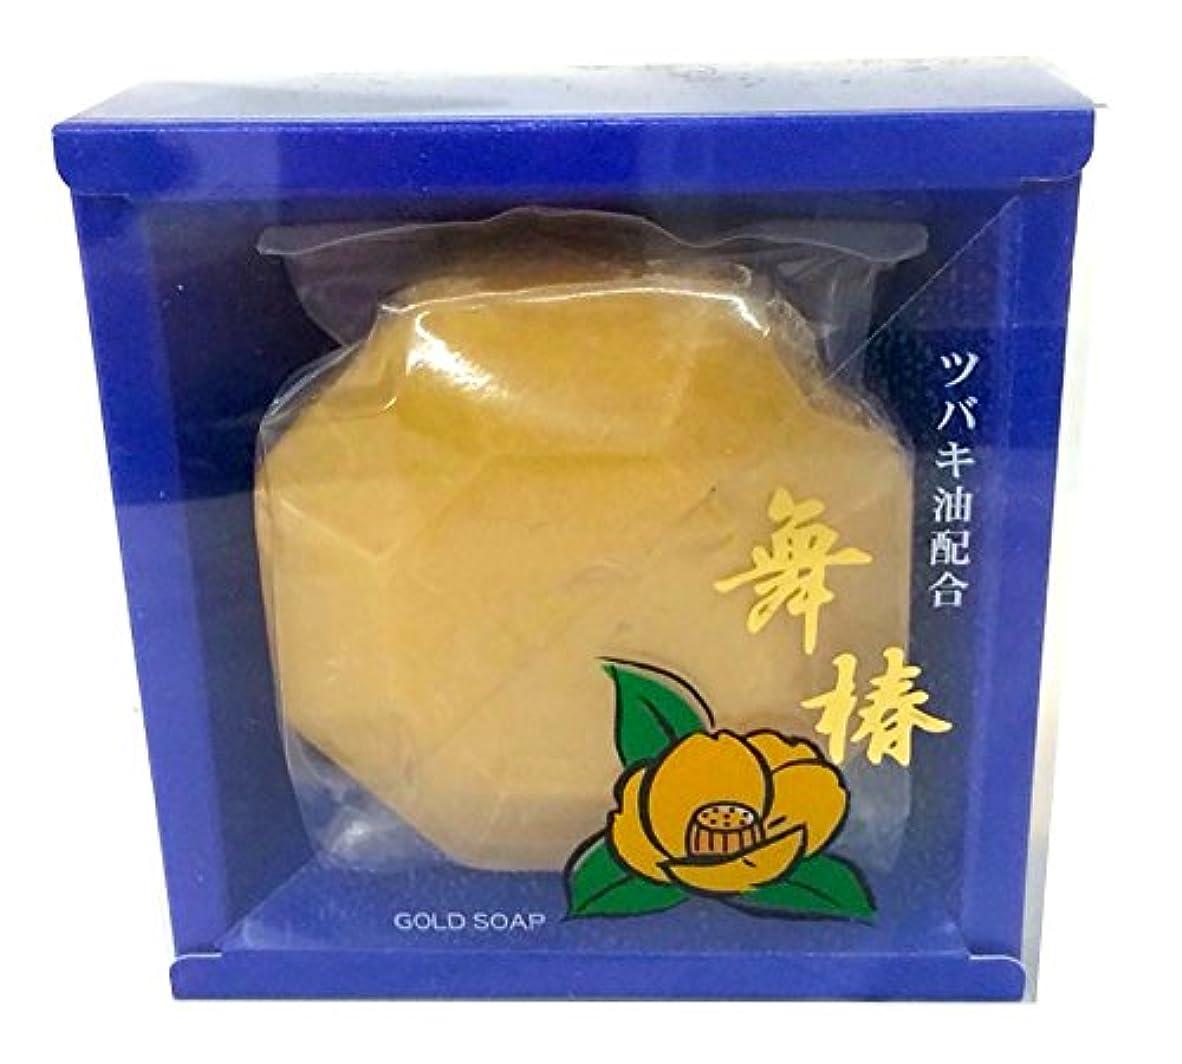 ジュース細心のクック舞椿ゴールドソープ (ツバキオイル配合)110g